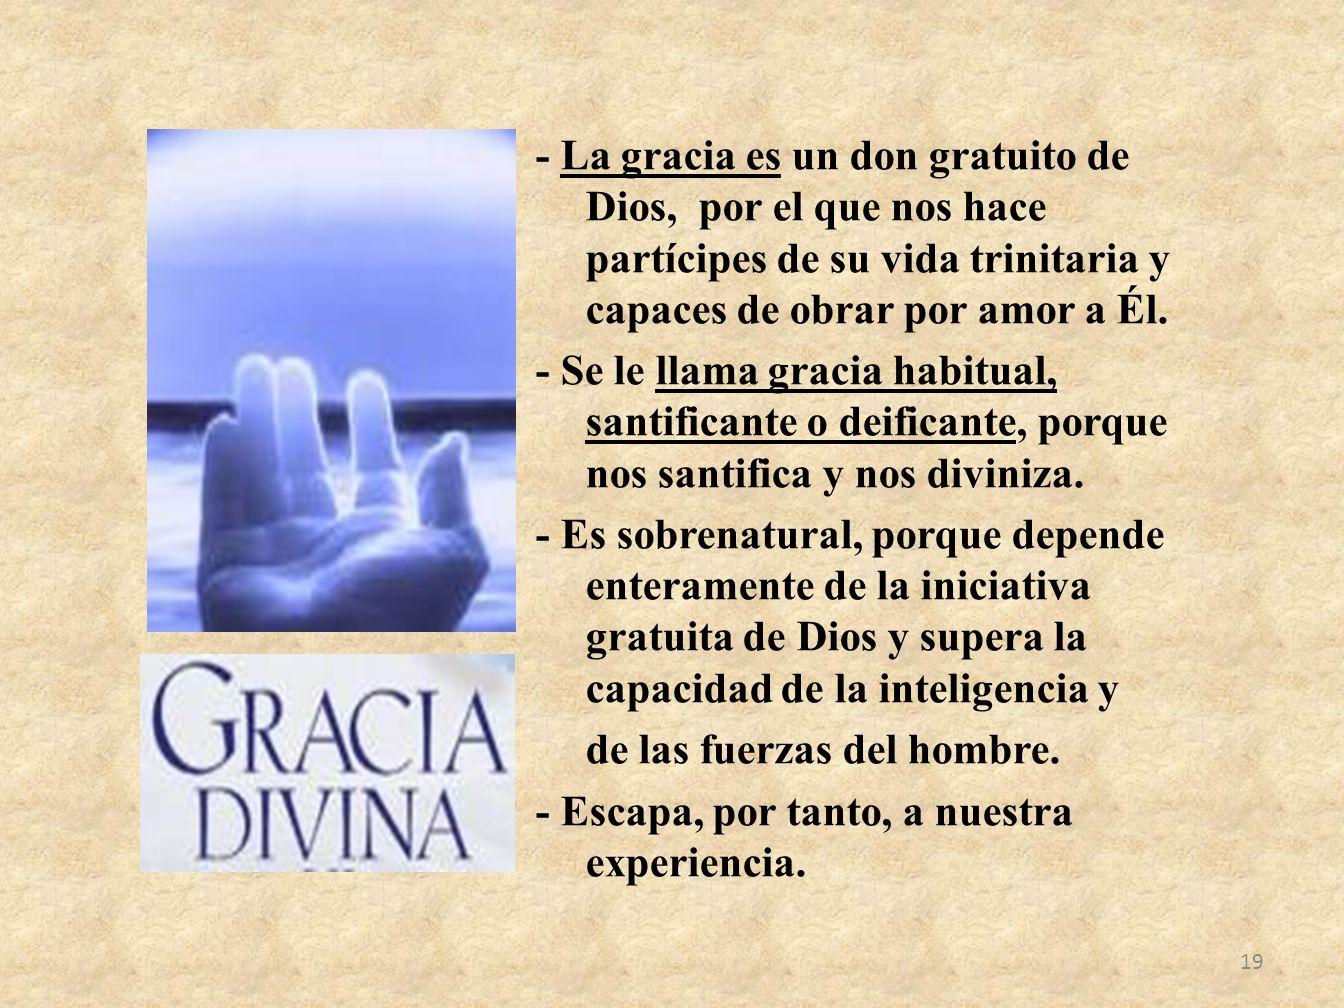 - La gracia es un don gratuito de Dios, por el que nos hace partícipes de su vida trinitaria y capaces de obrar por amor a Él. - Se le llama gracia ha